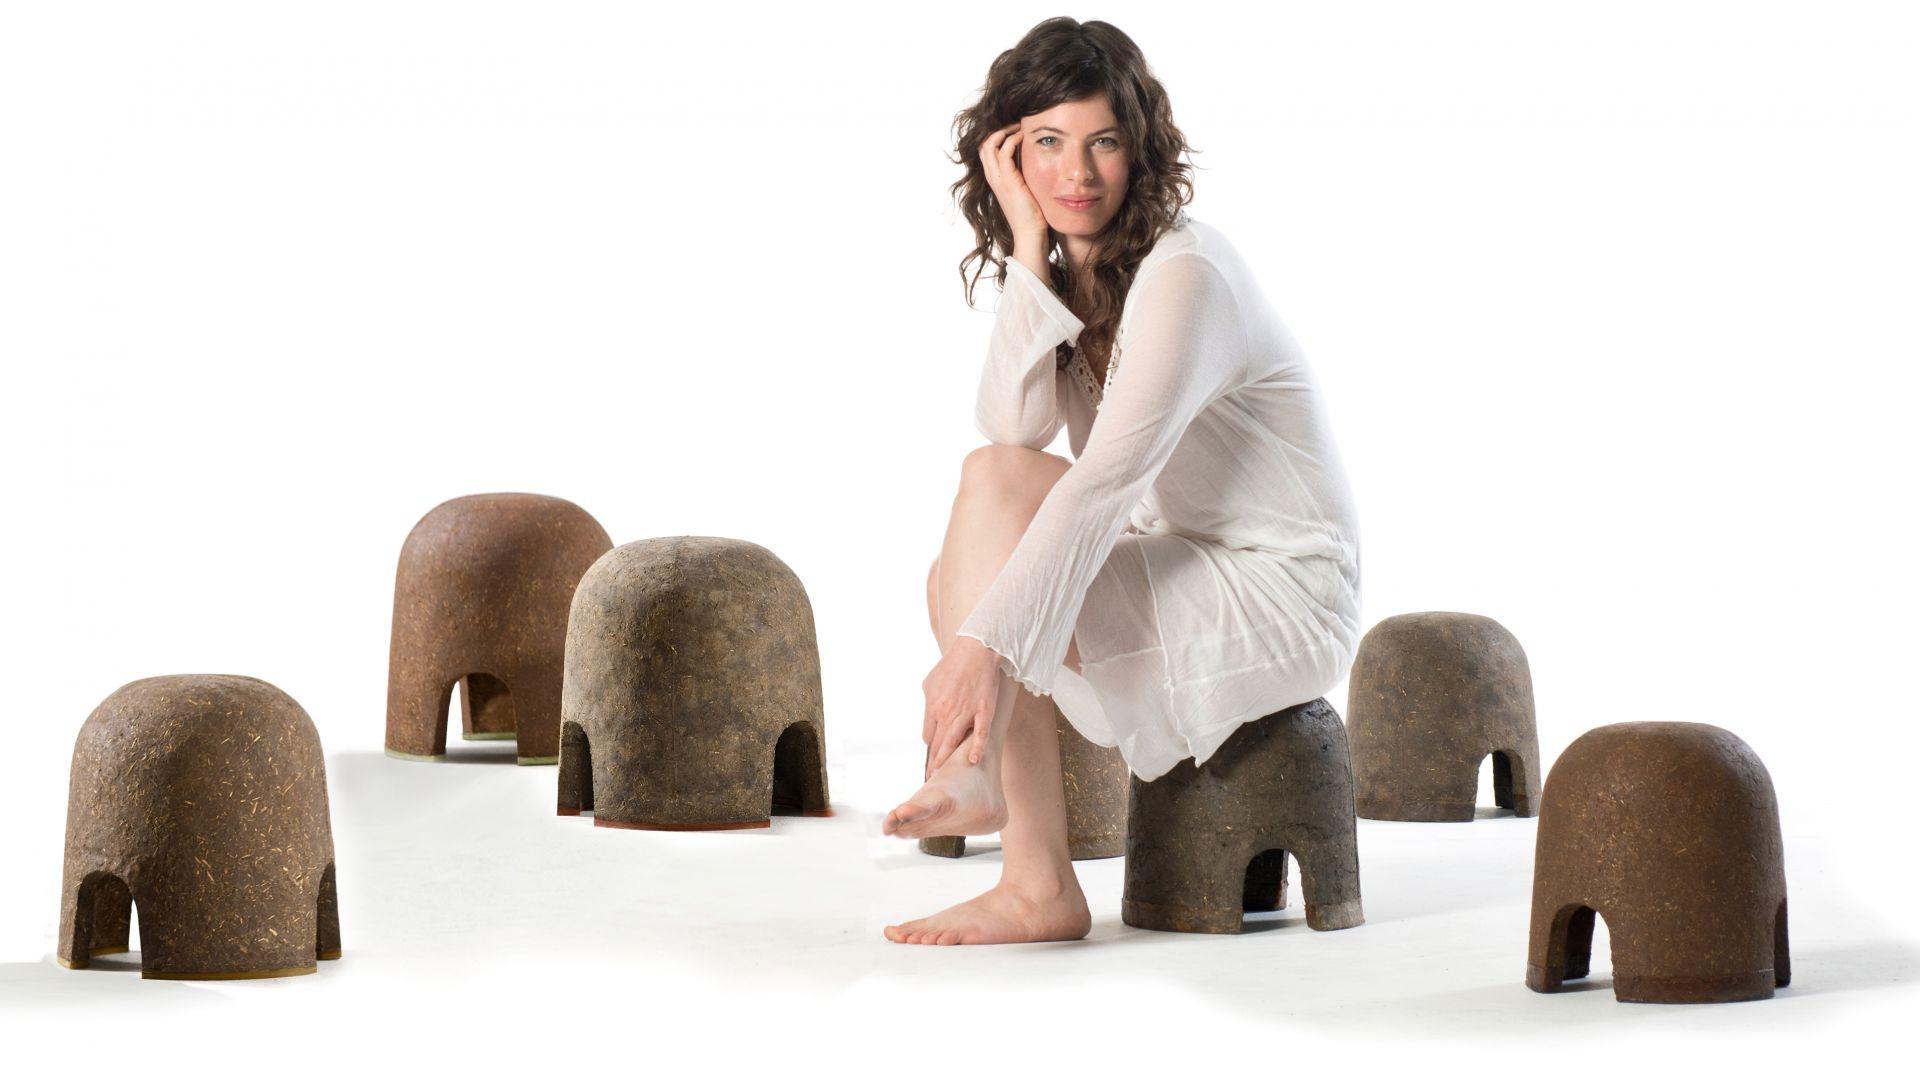 Stołki projektu Adital Ela, stworzone dla marki Criaterra